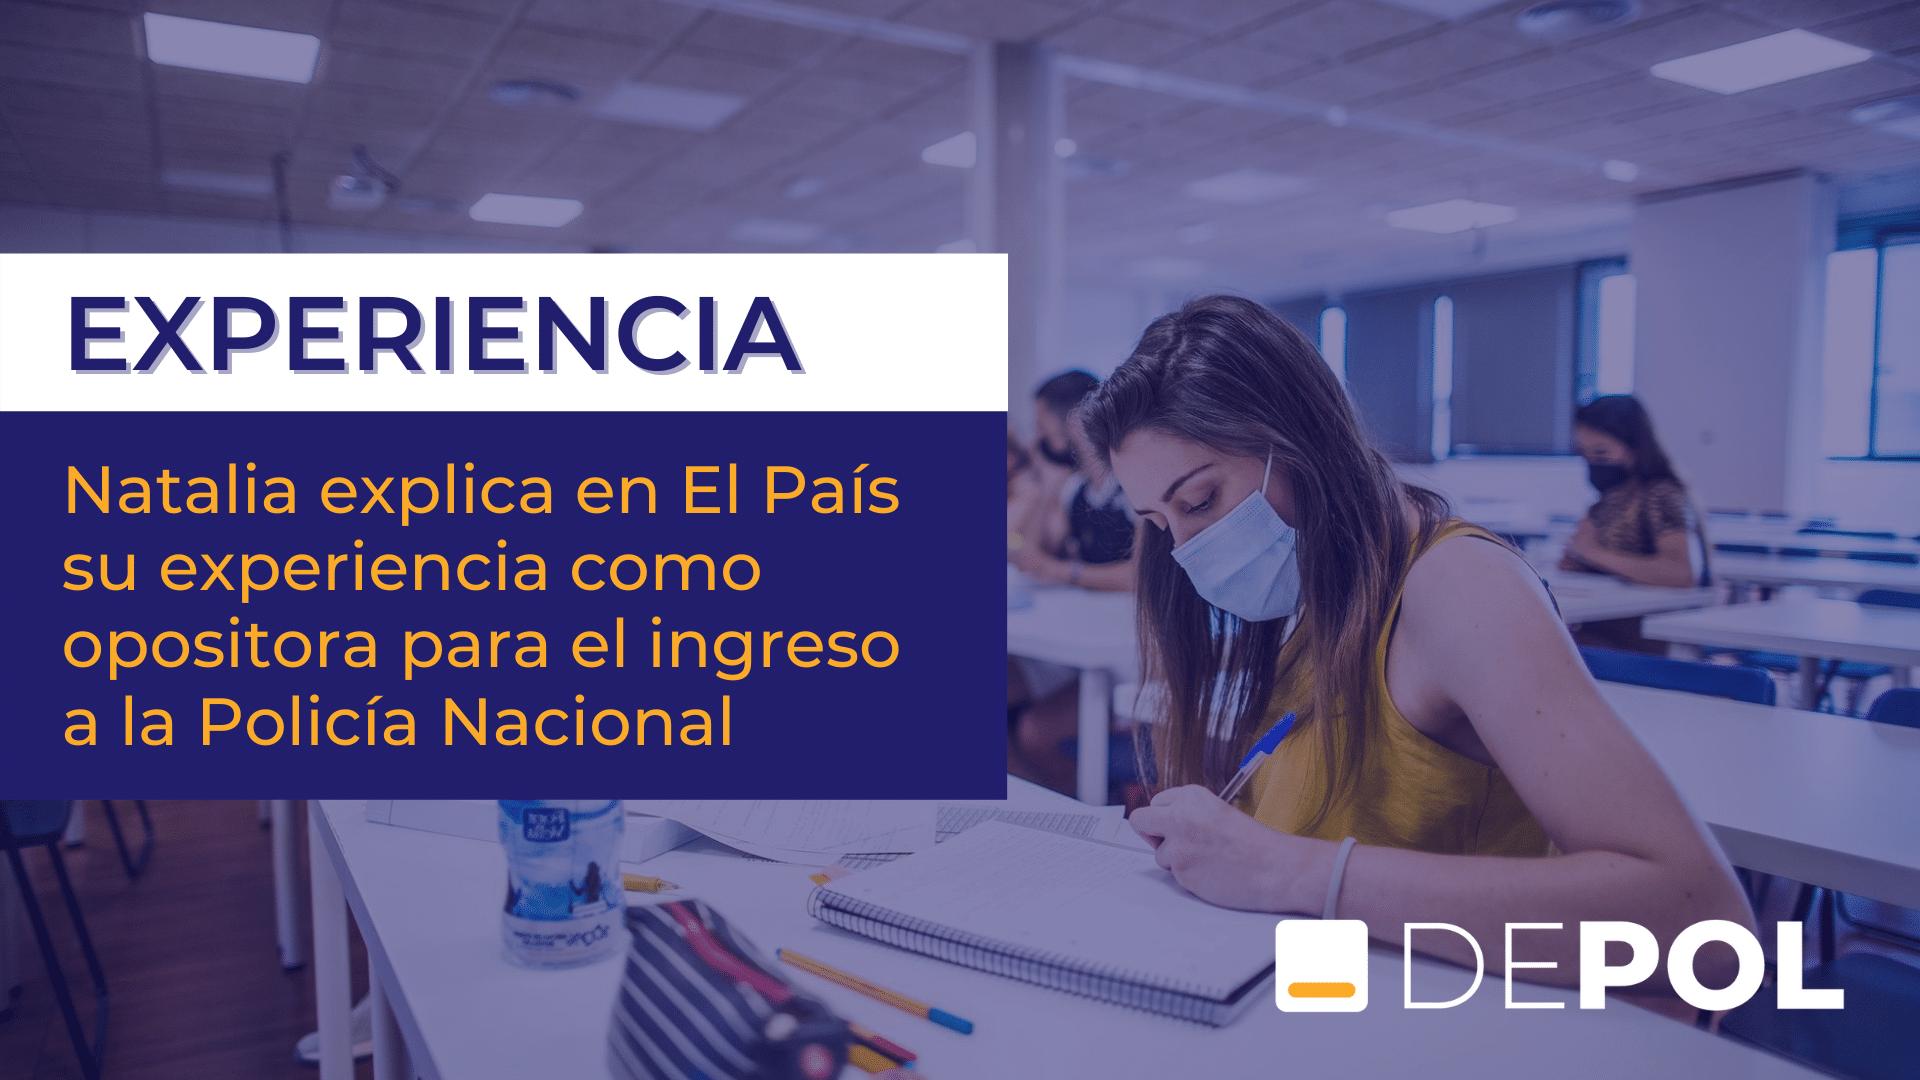 Natalia, una depoler que se prepara en la sede de Madrid, cuenta su experiencia en la oposición para El País